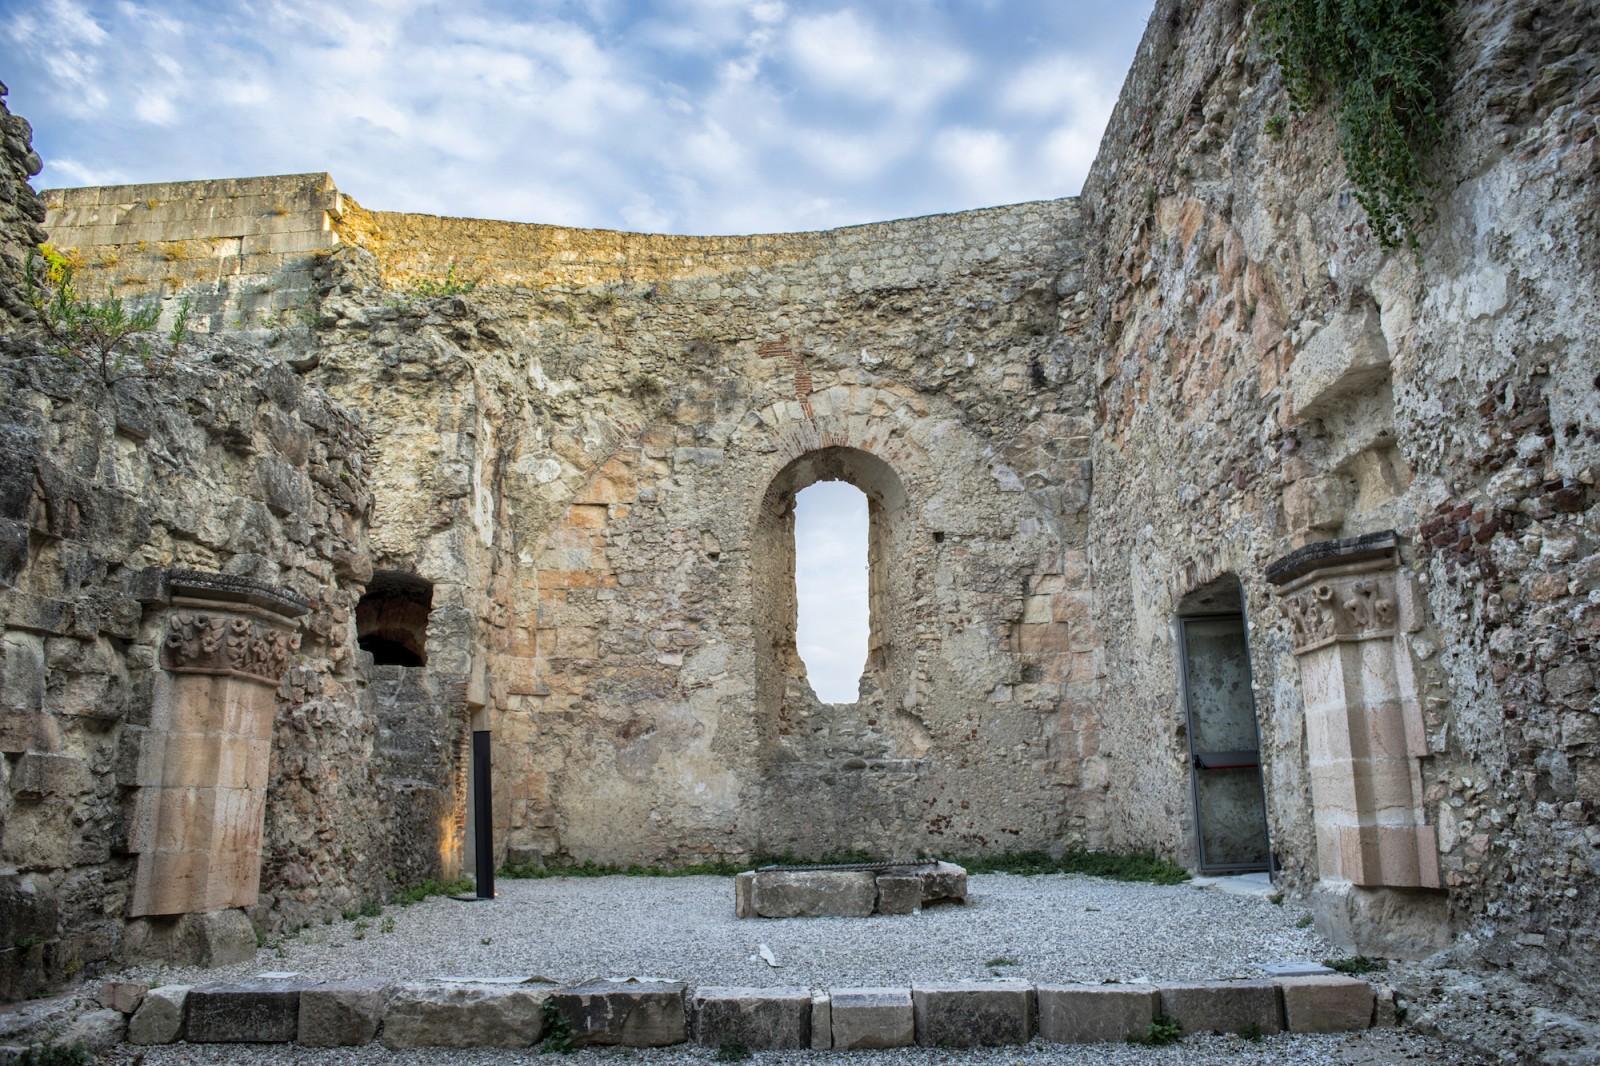 Castello_Svevo_Cosenza_08